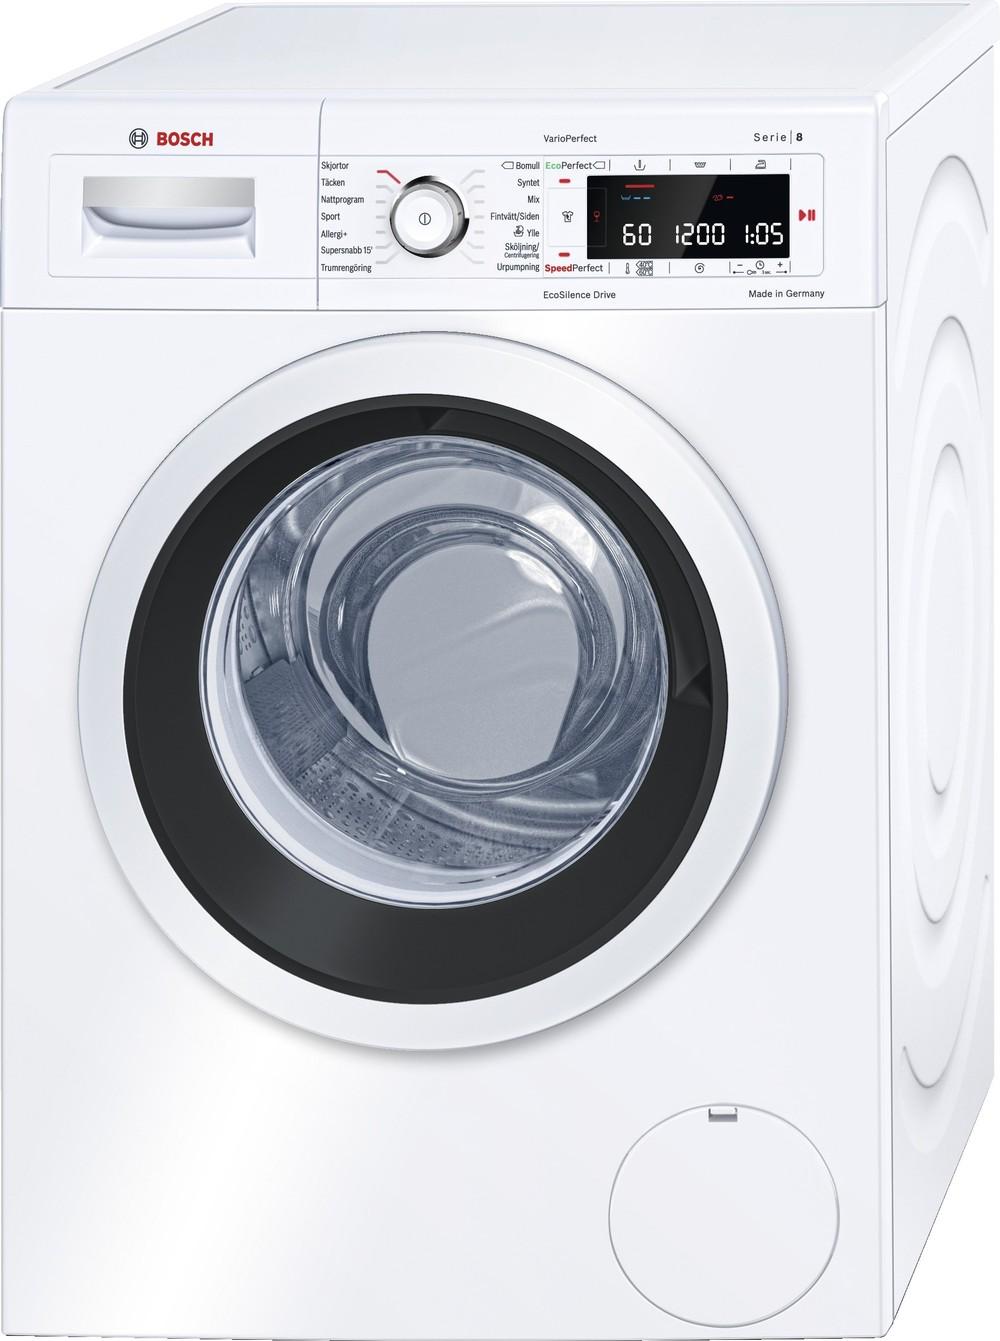 Den bedste Bosch vaskemaskine